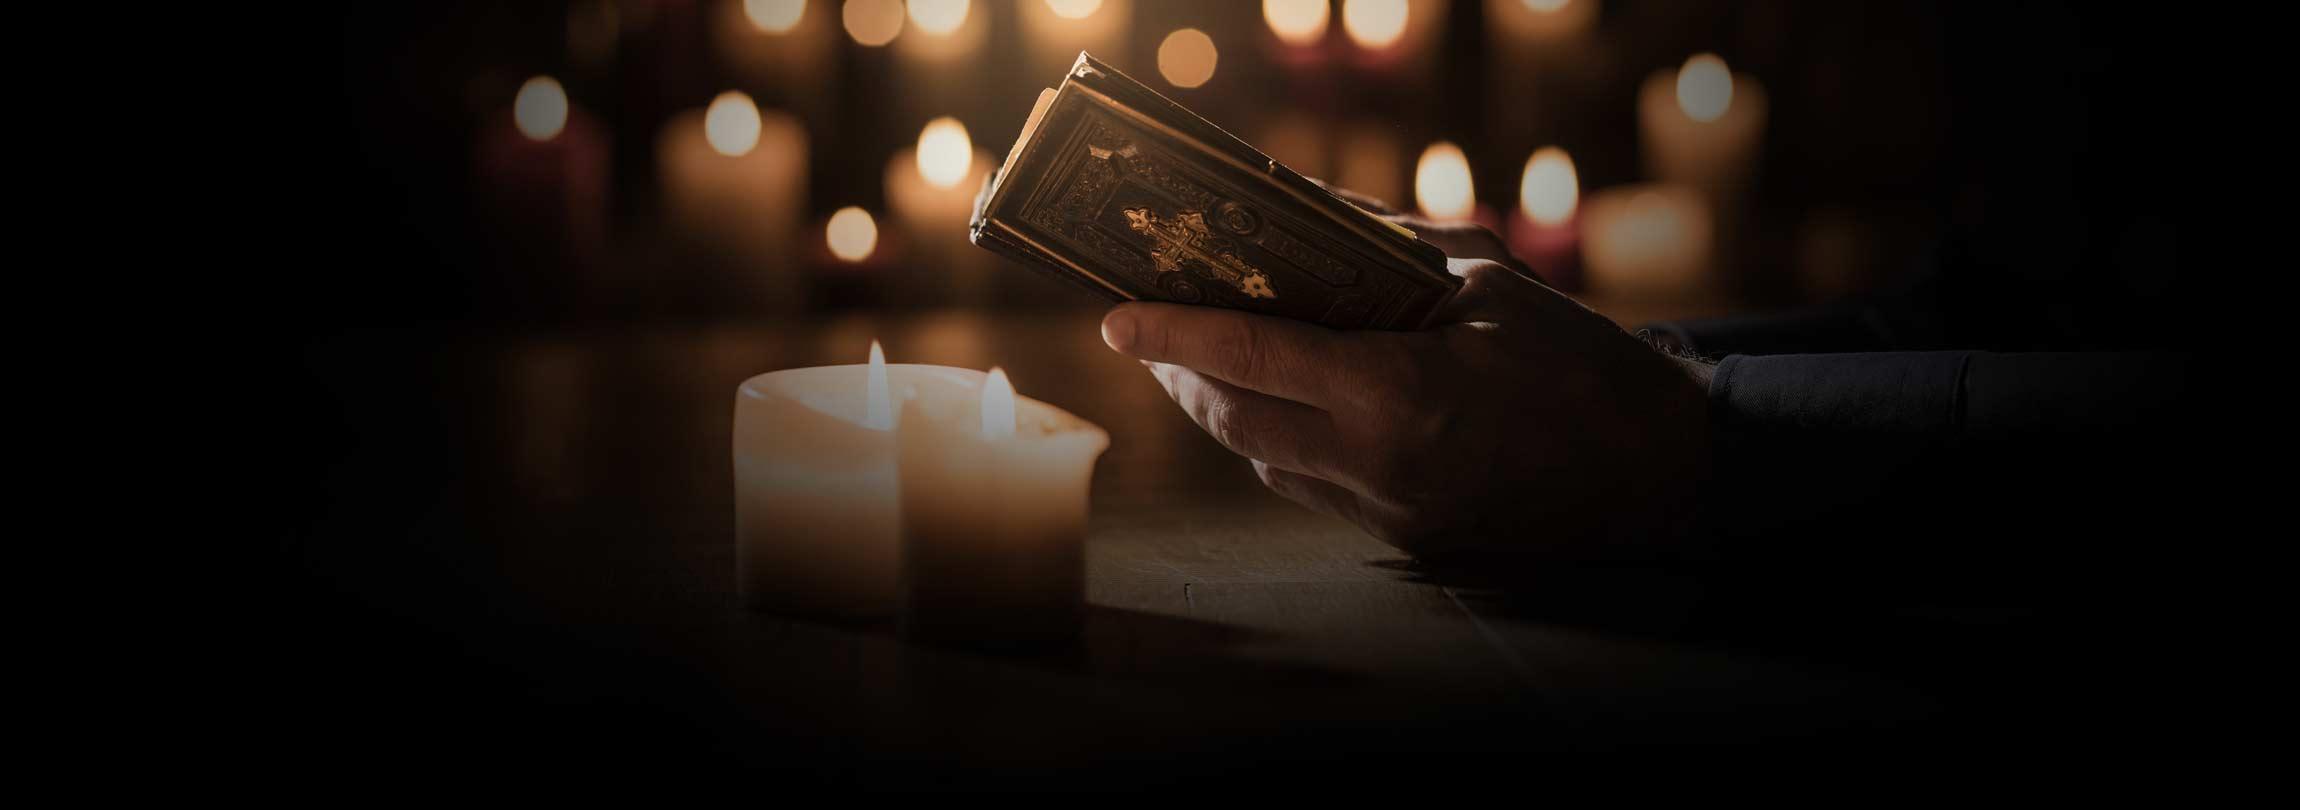 """Liturgia das Horas, uma """"escola de oração"""""""